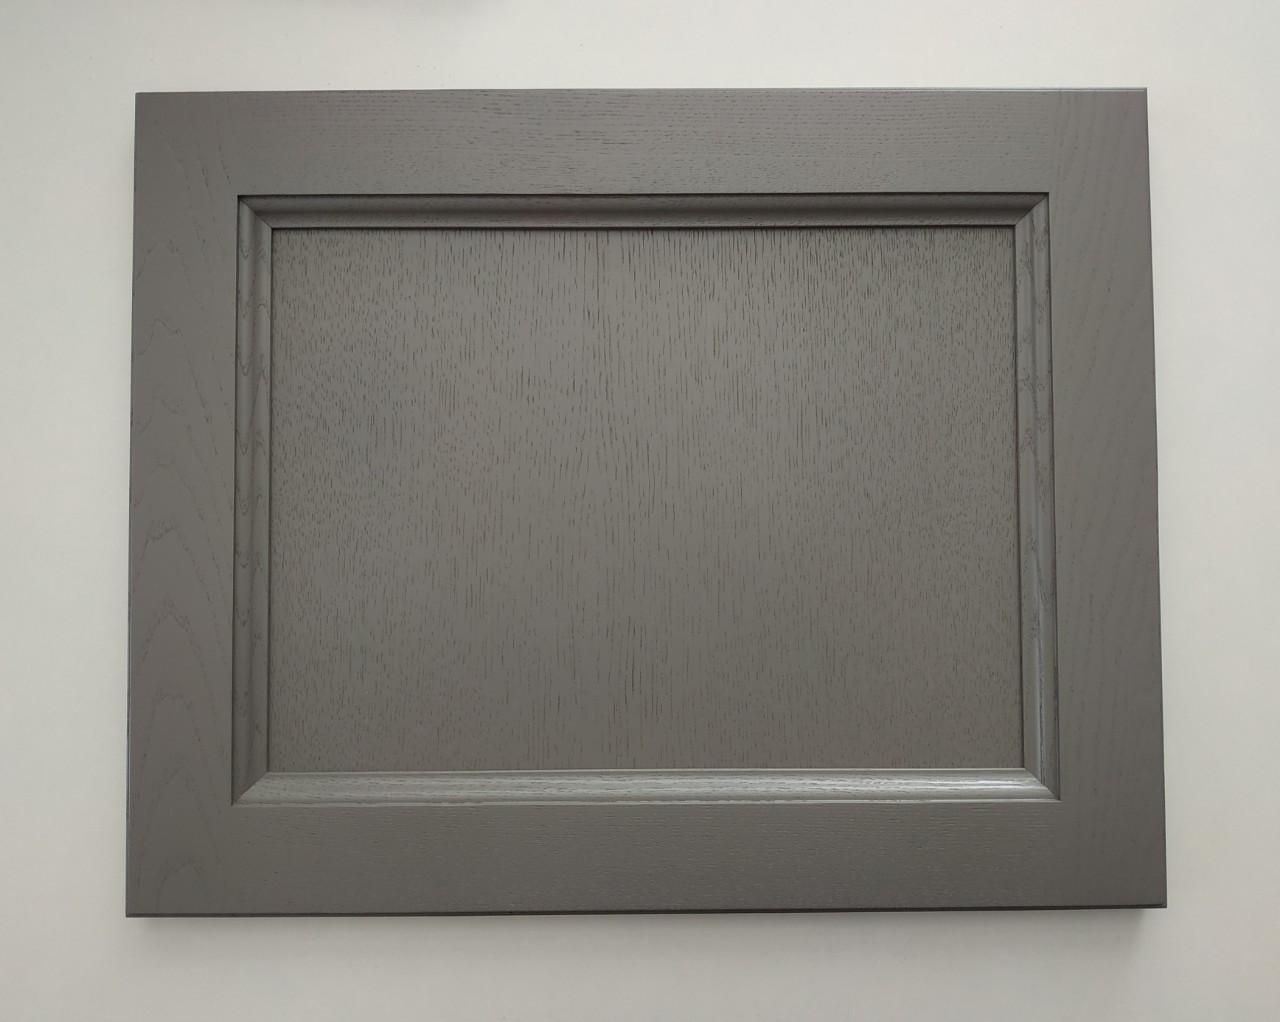 фасад для кухни Astra в Гомеле из массива ясеня серый.